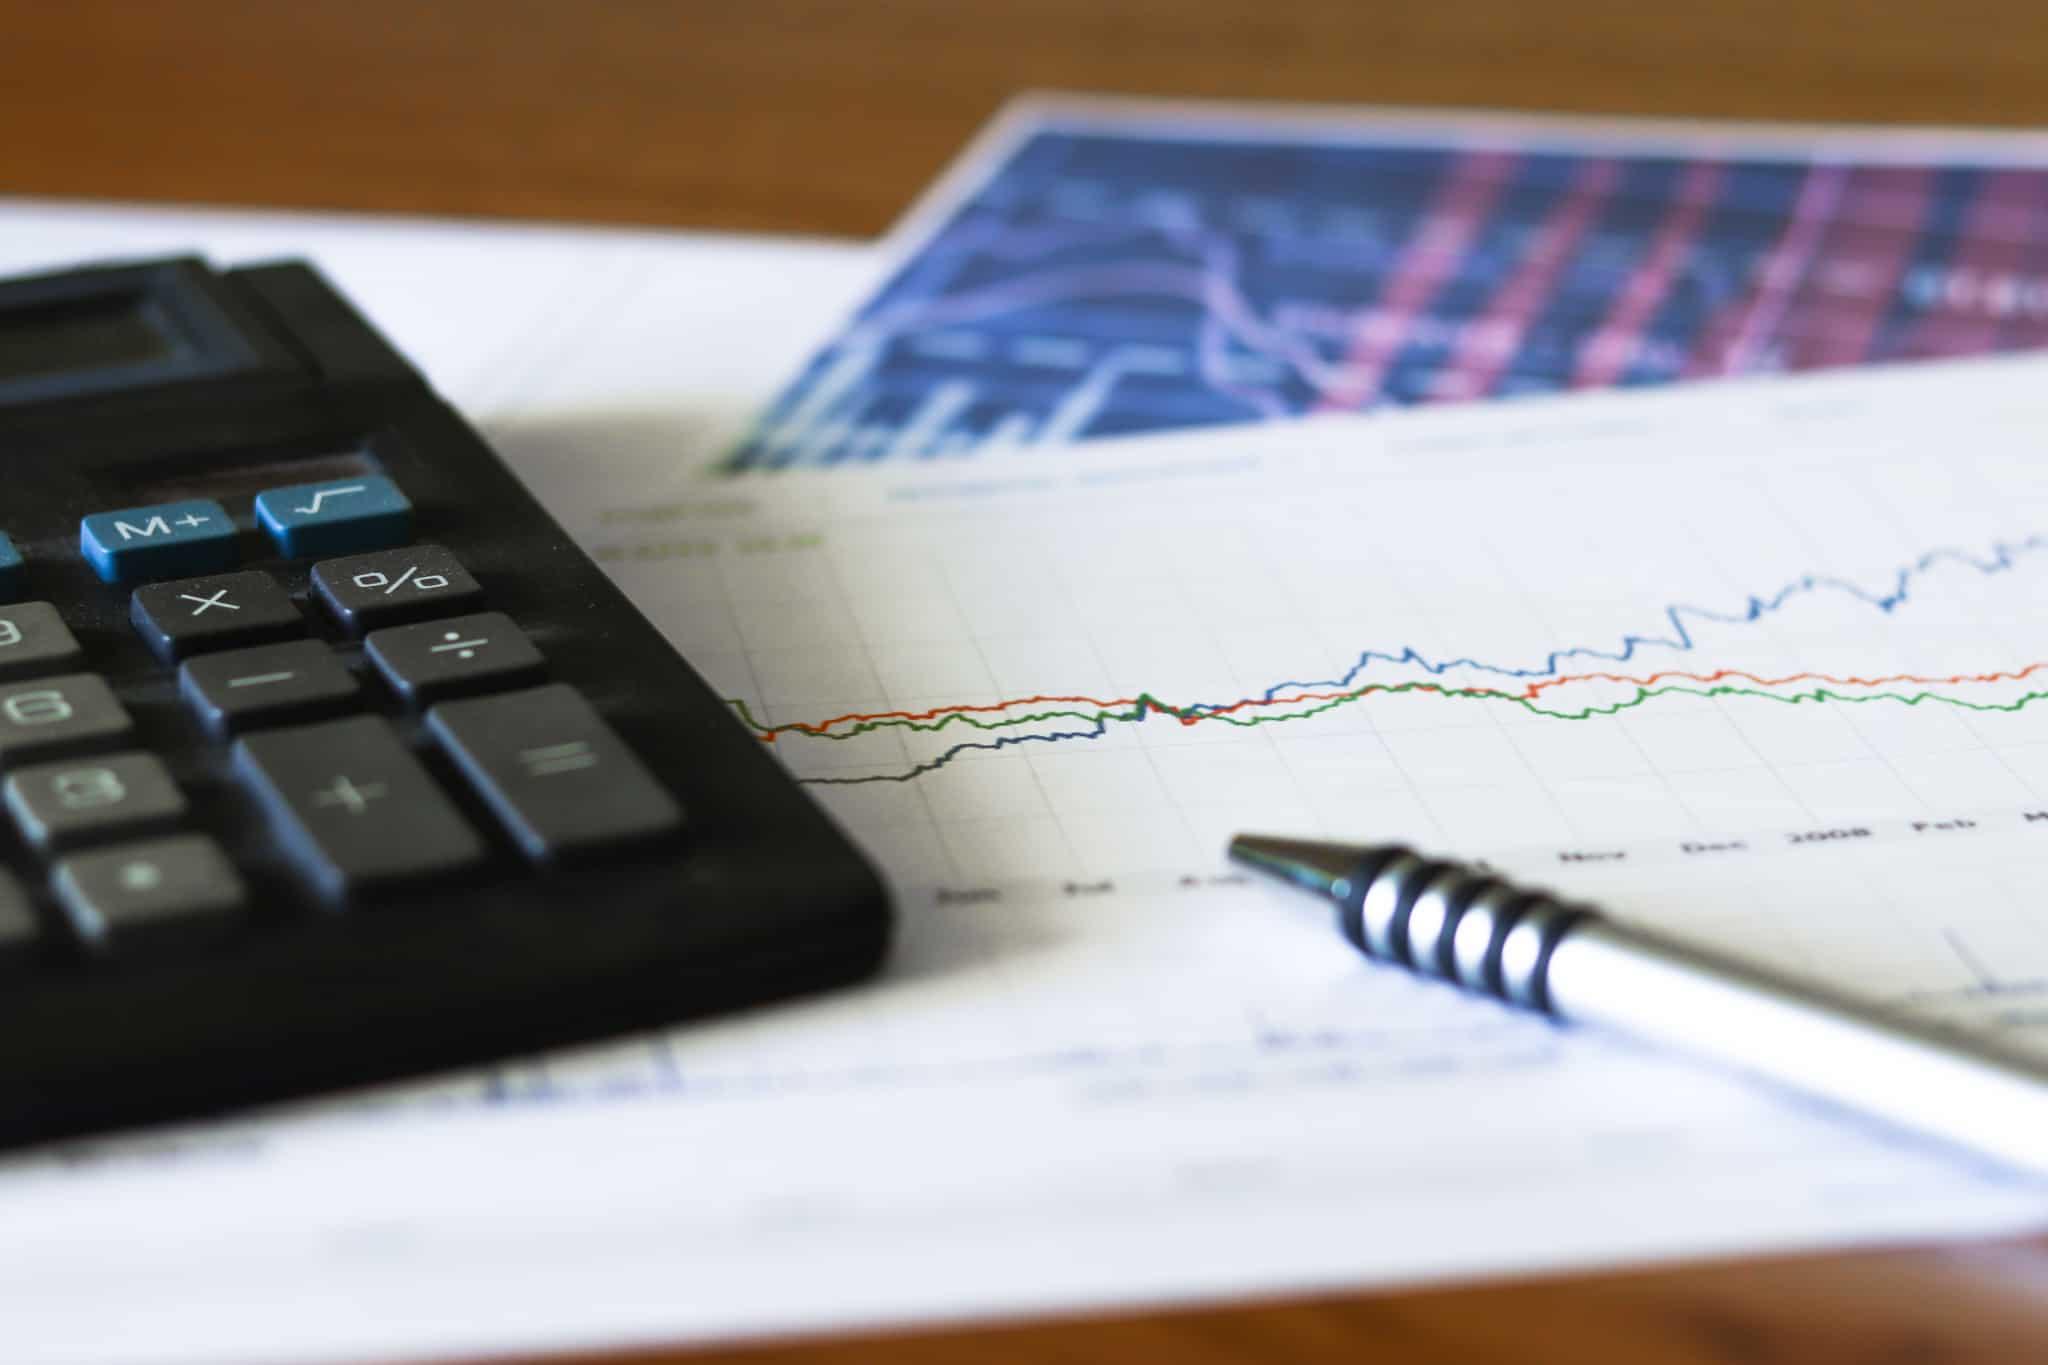 calculadora papel e caneta em cima da mesa